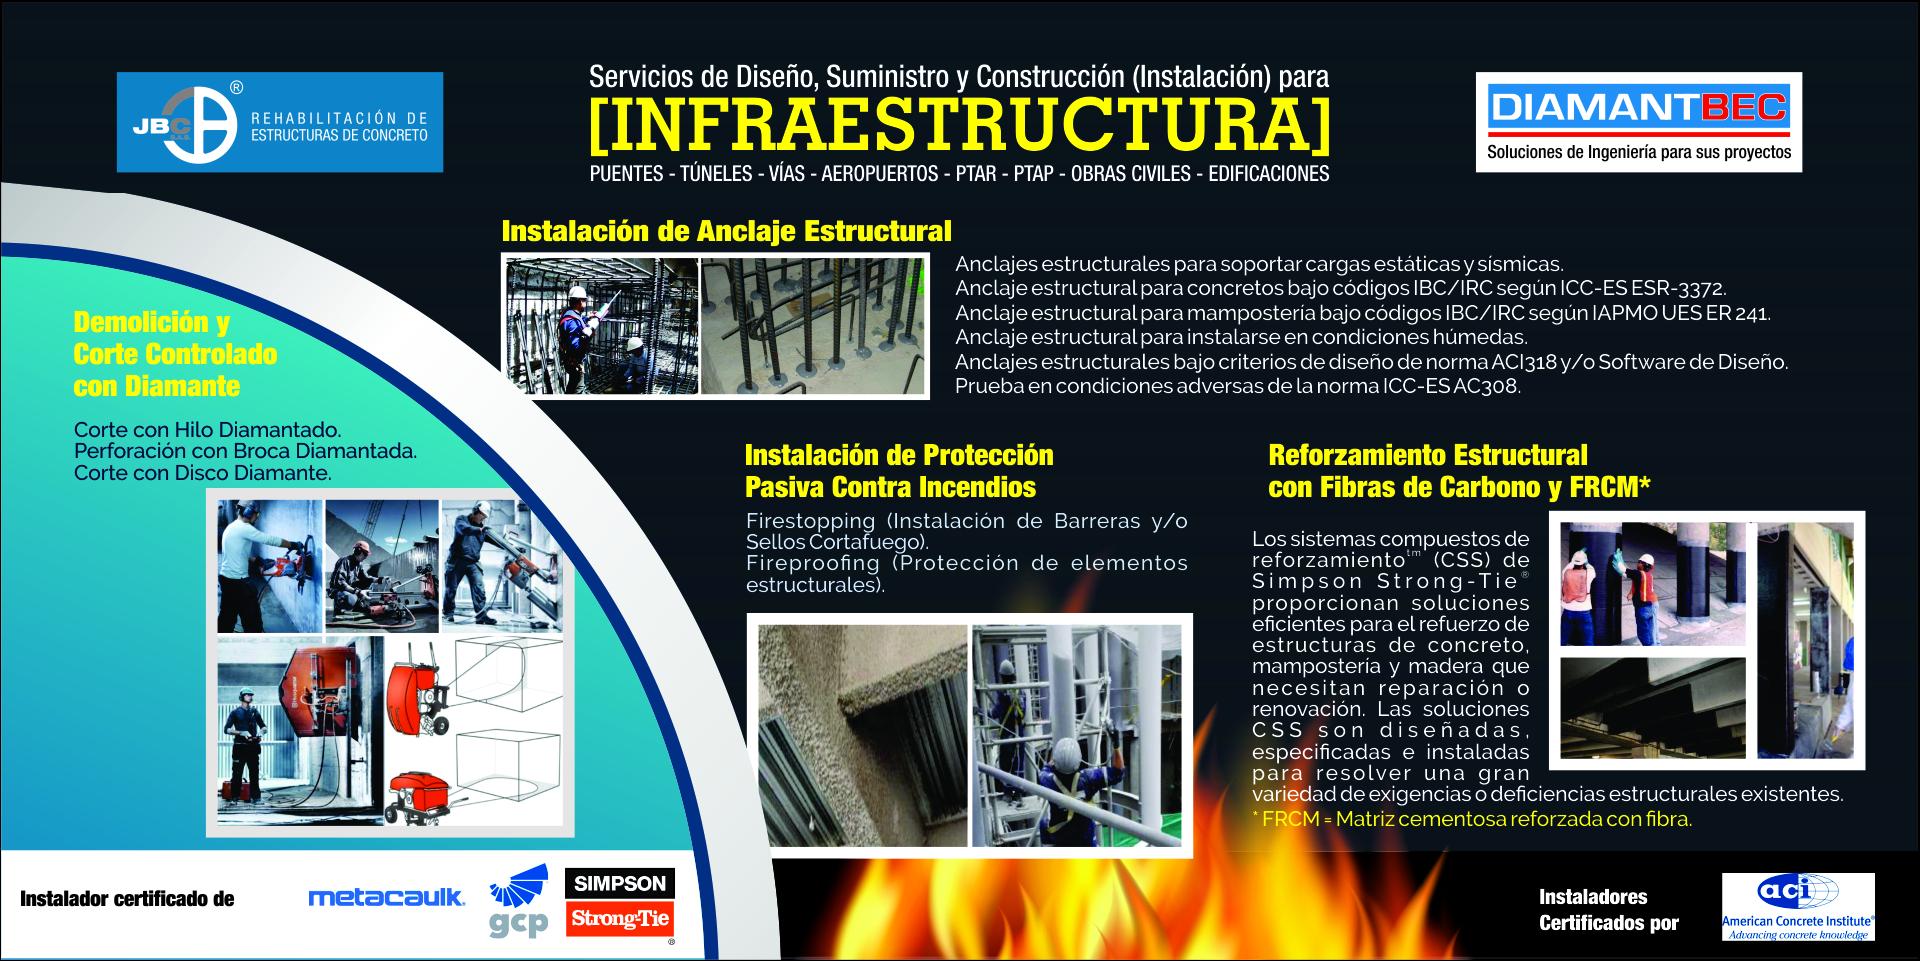 Expertos en Rehabilitación de Estructuras de Concreto